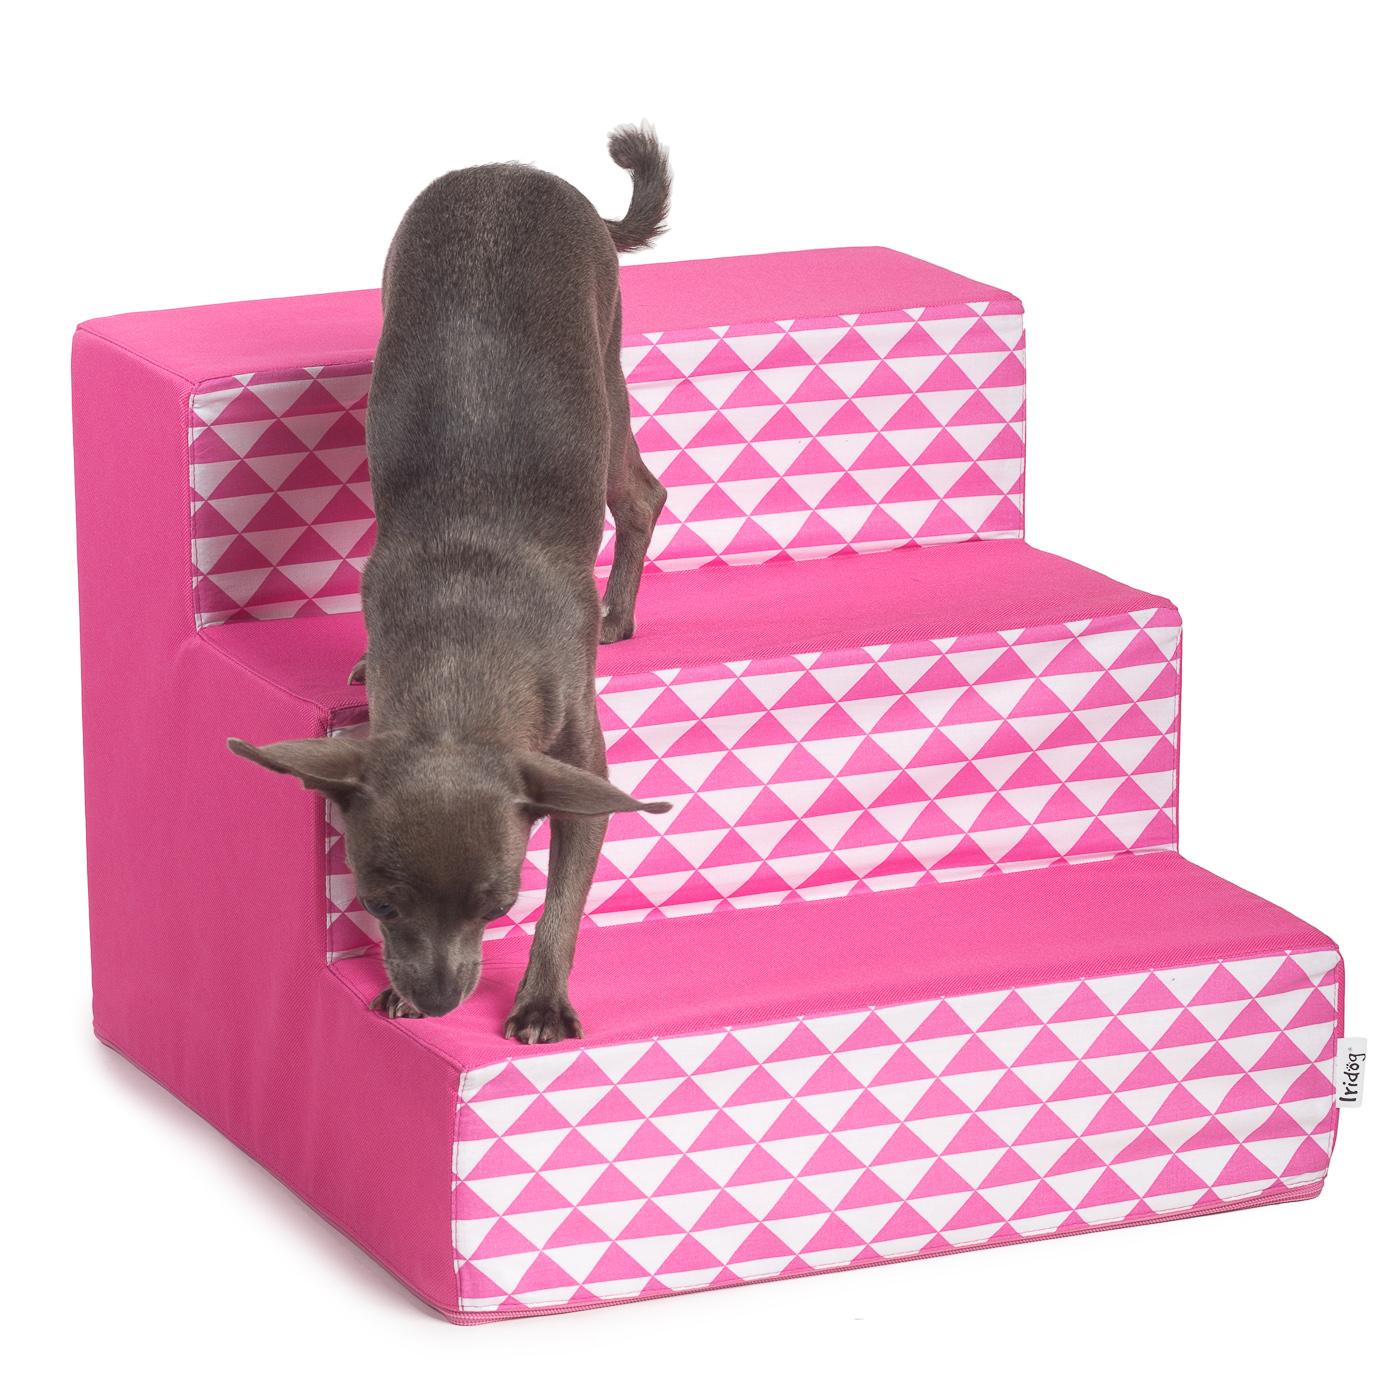 Schody pro psy no. 40, růžový triangl, 1 malé